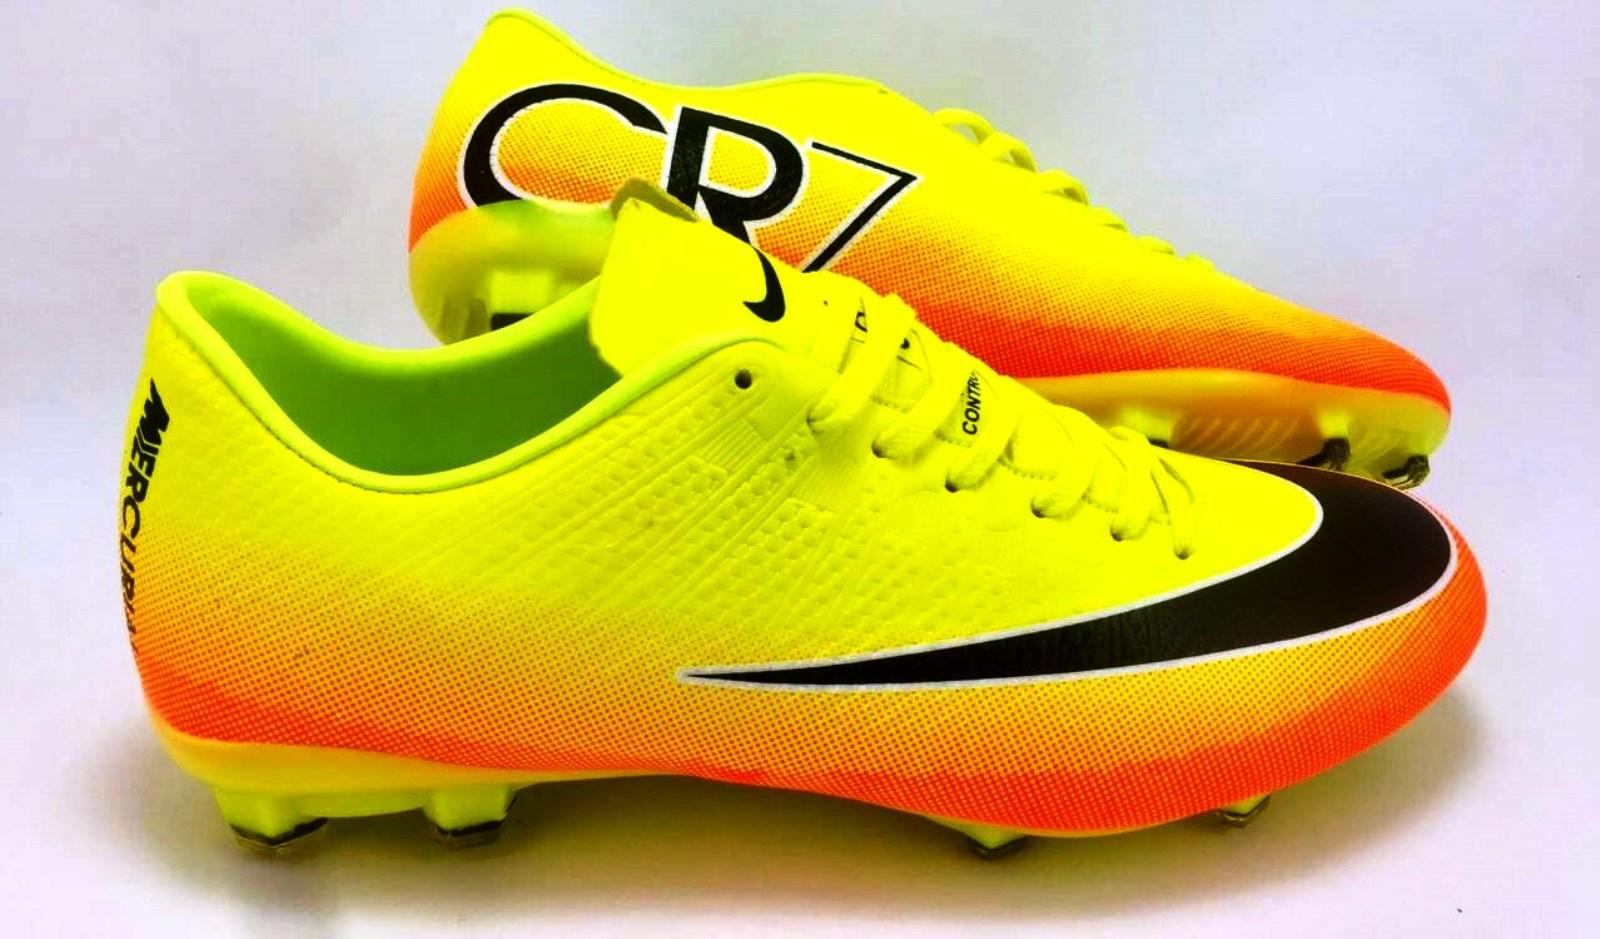 Виды футбольной обуви: бутсы с маркировкой SG (Soft Ground)   Футбольные кеды характеризуются 6-8 шипами, которые предназначаются для игр на мягком грунте, позволяют удобно чувствовать себя при любых погодных условиях. Такие модели выбирают профессиональные футбольные клубы, потому что они гарантируют полную безопасность спортсмену, не подвергают сомнению качество бега и игры